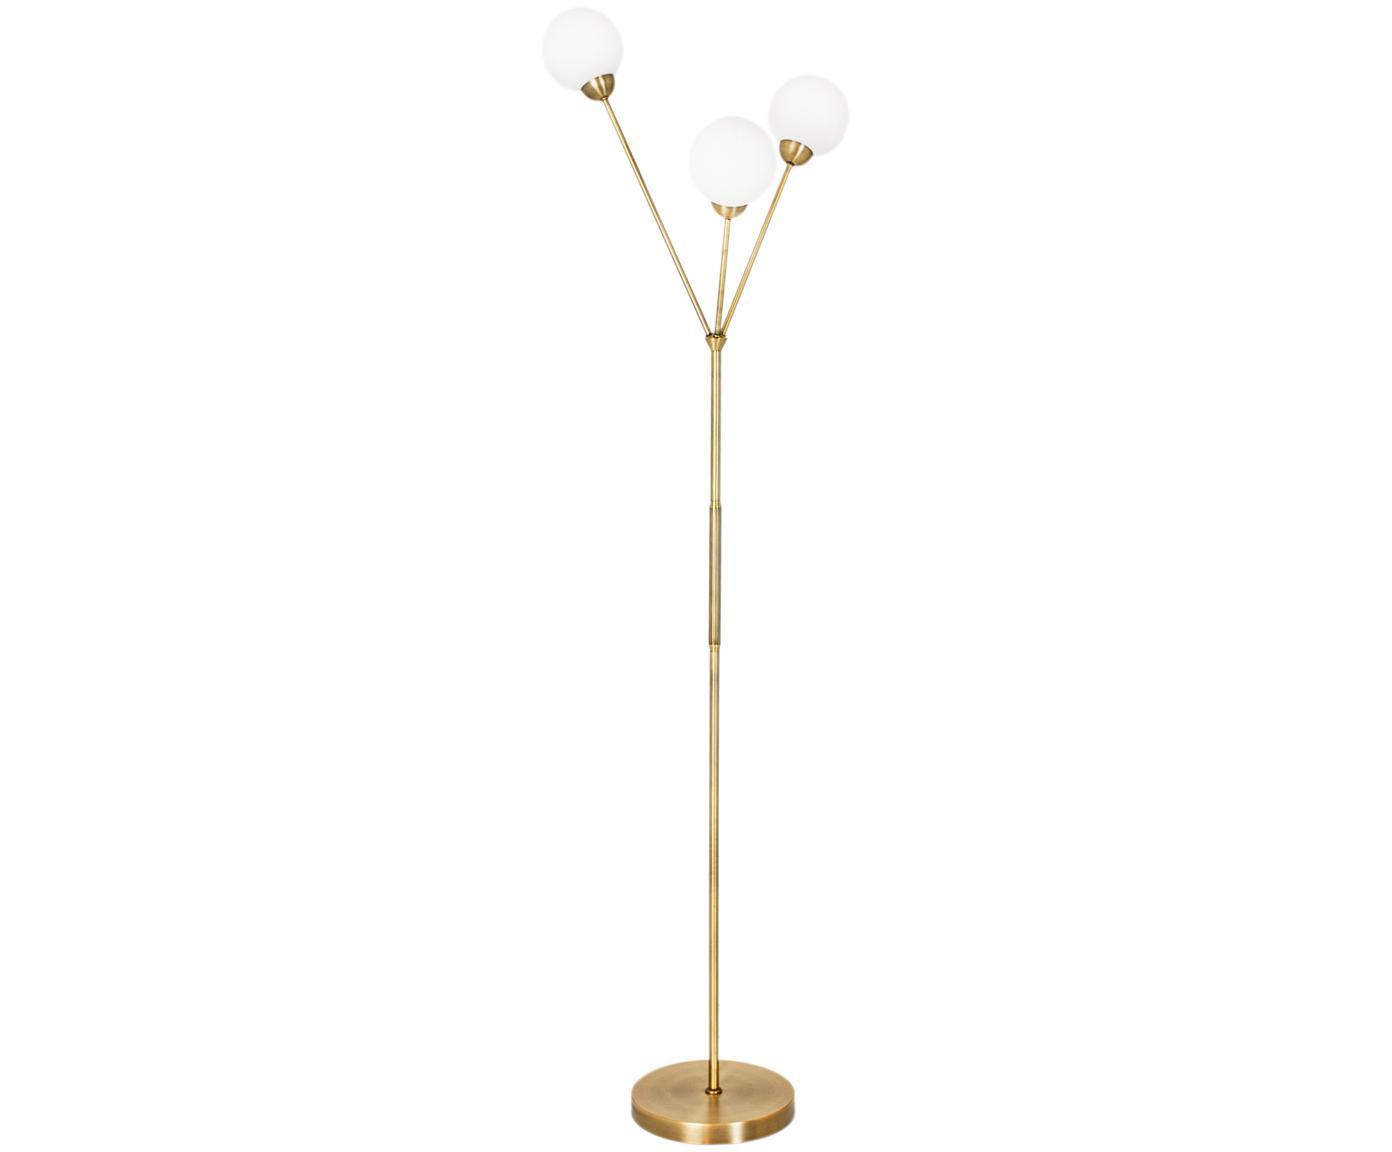 Lampada da terra in oroTwiggy, Base della lampada: ottone, Paralume: vetro, Bianco, ottone, Ø 43 x Alt. 165 cm